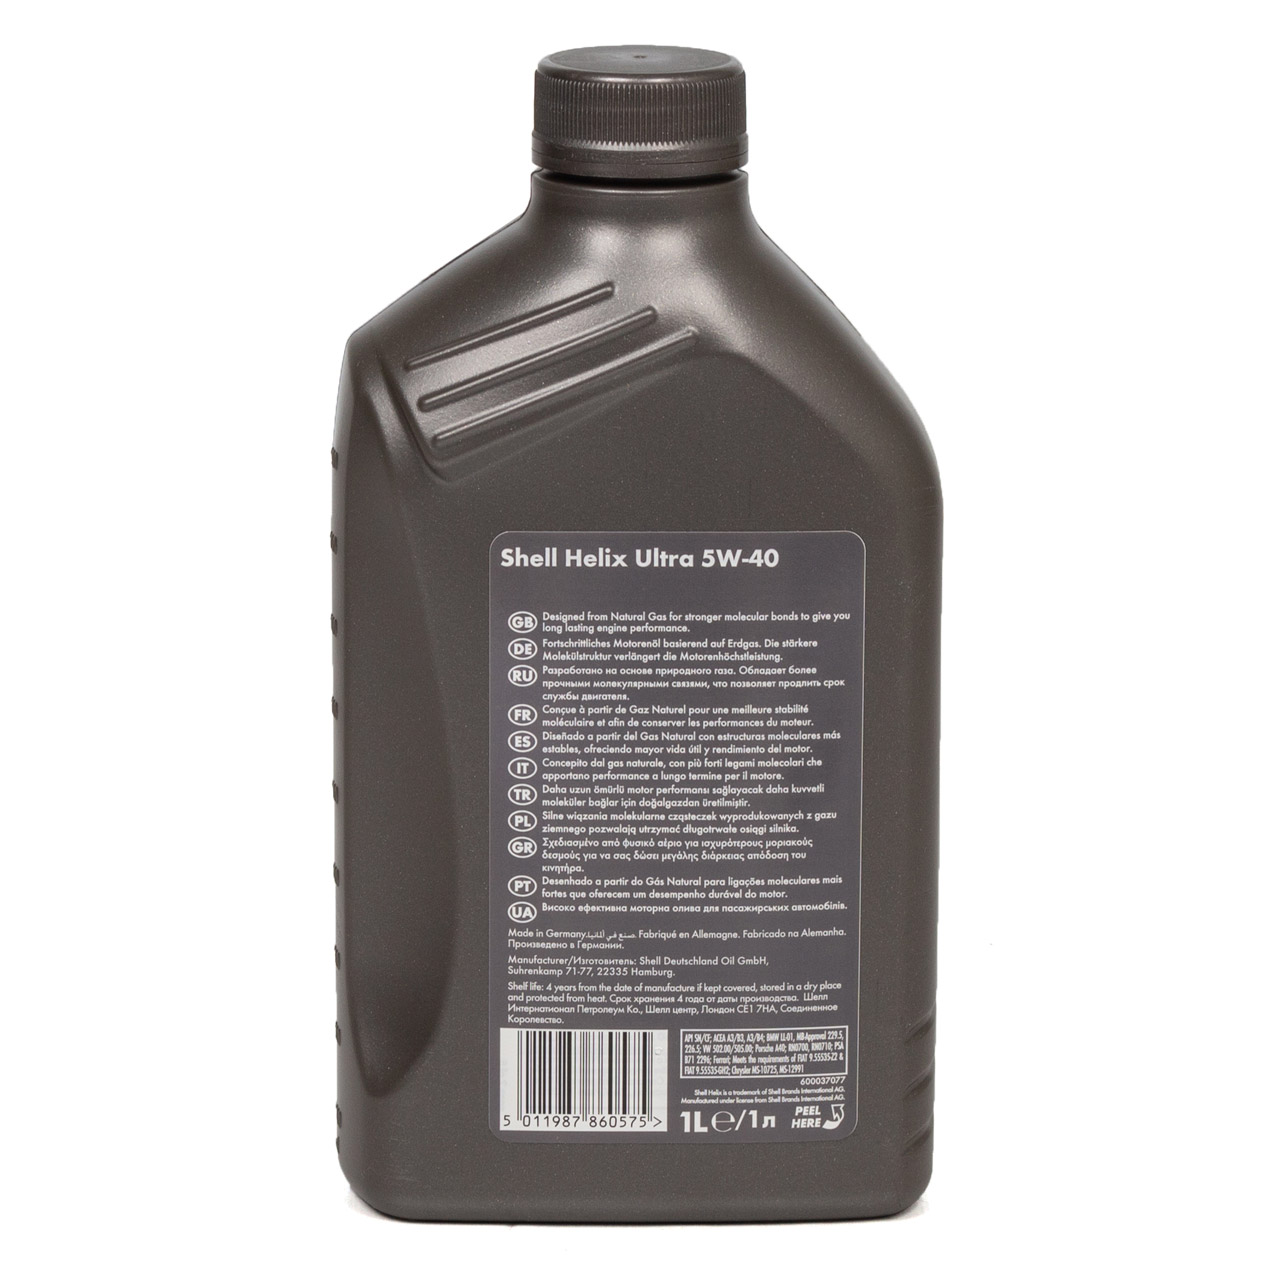 SHELL Motoröl Öl HELIX ULTRA 5W-40 5W40 MB 226/229.5 VW 502/505.00 - 1L 1 Liter